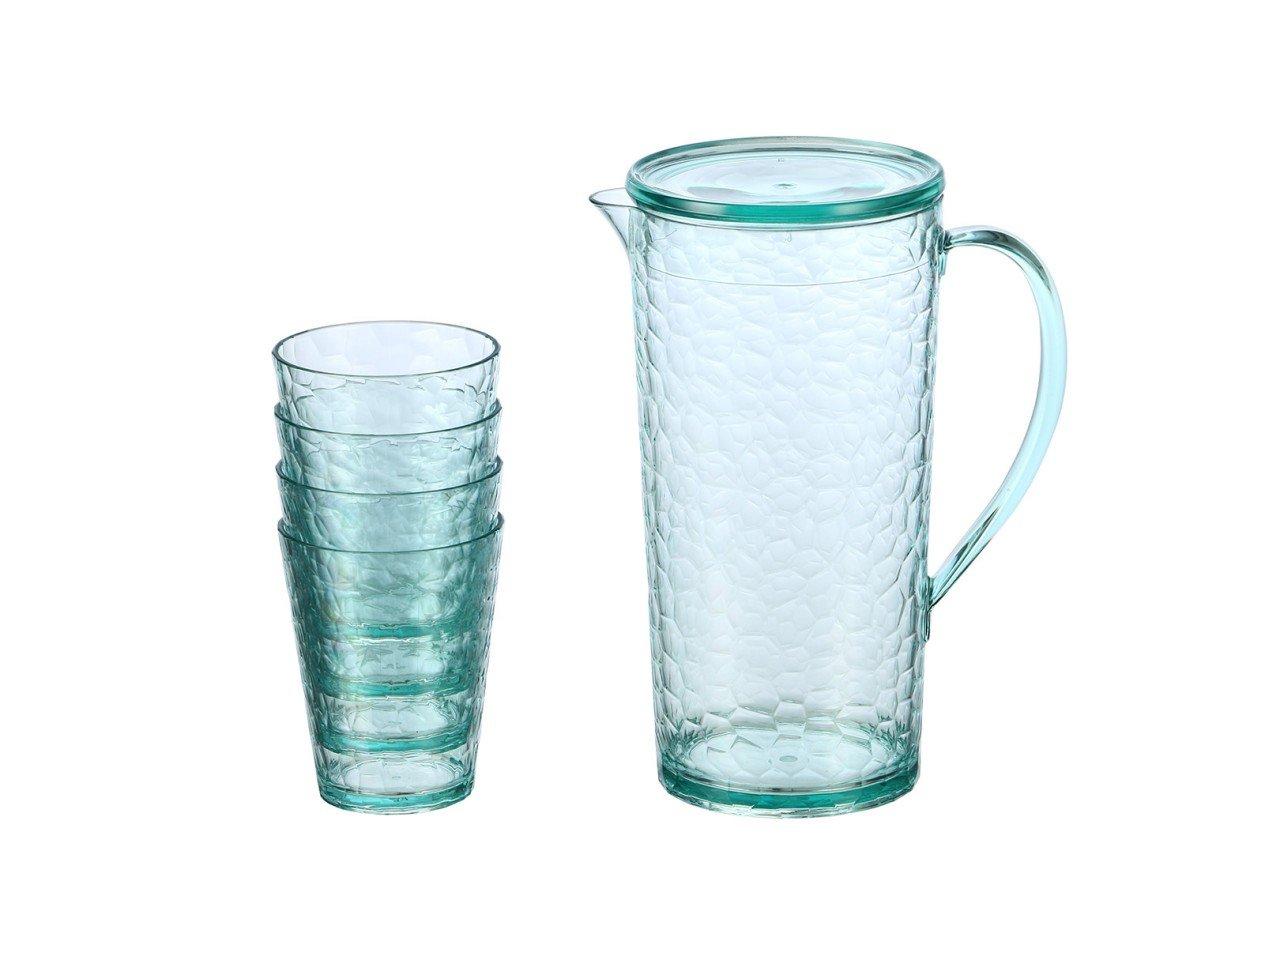 Set de Jarra con cuatro vasos de Acrílico en color Turquesa